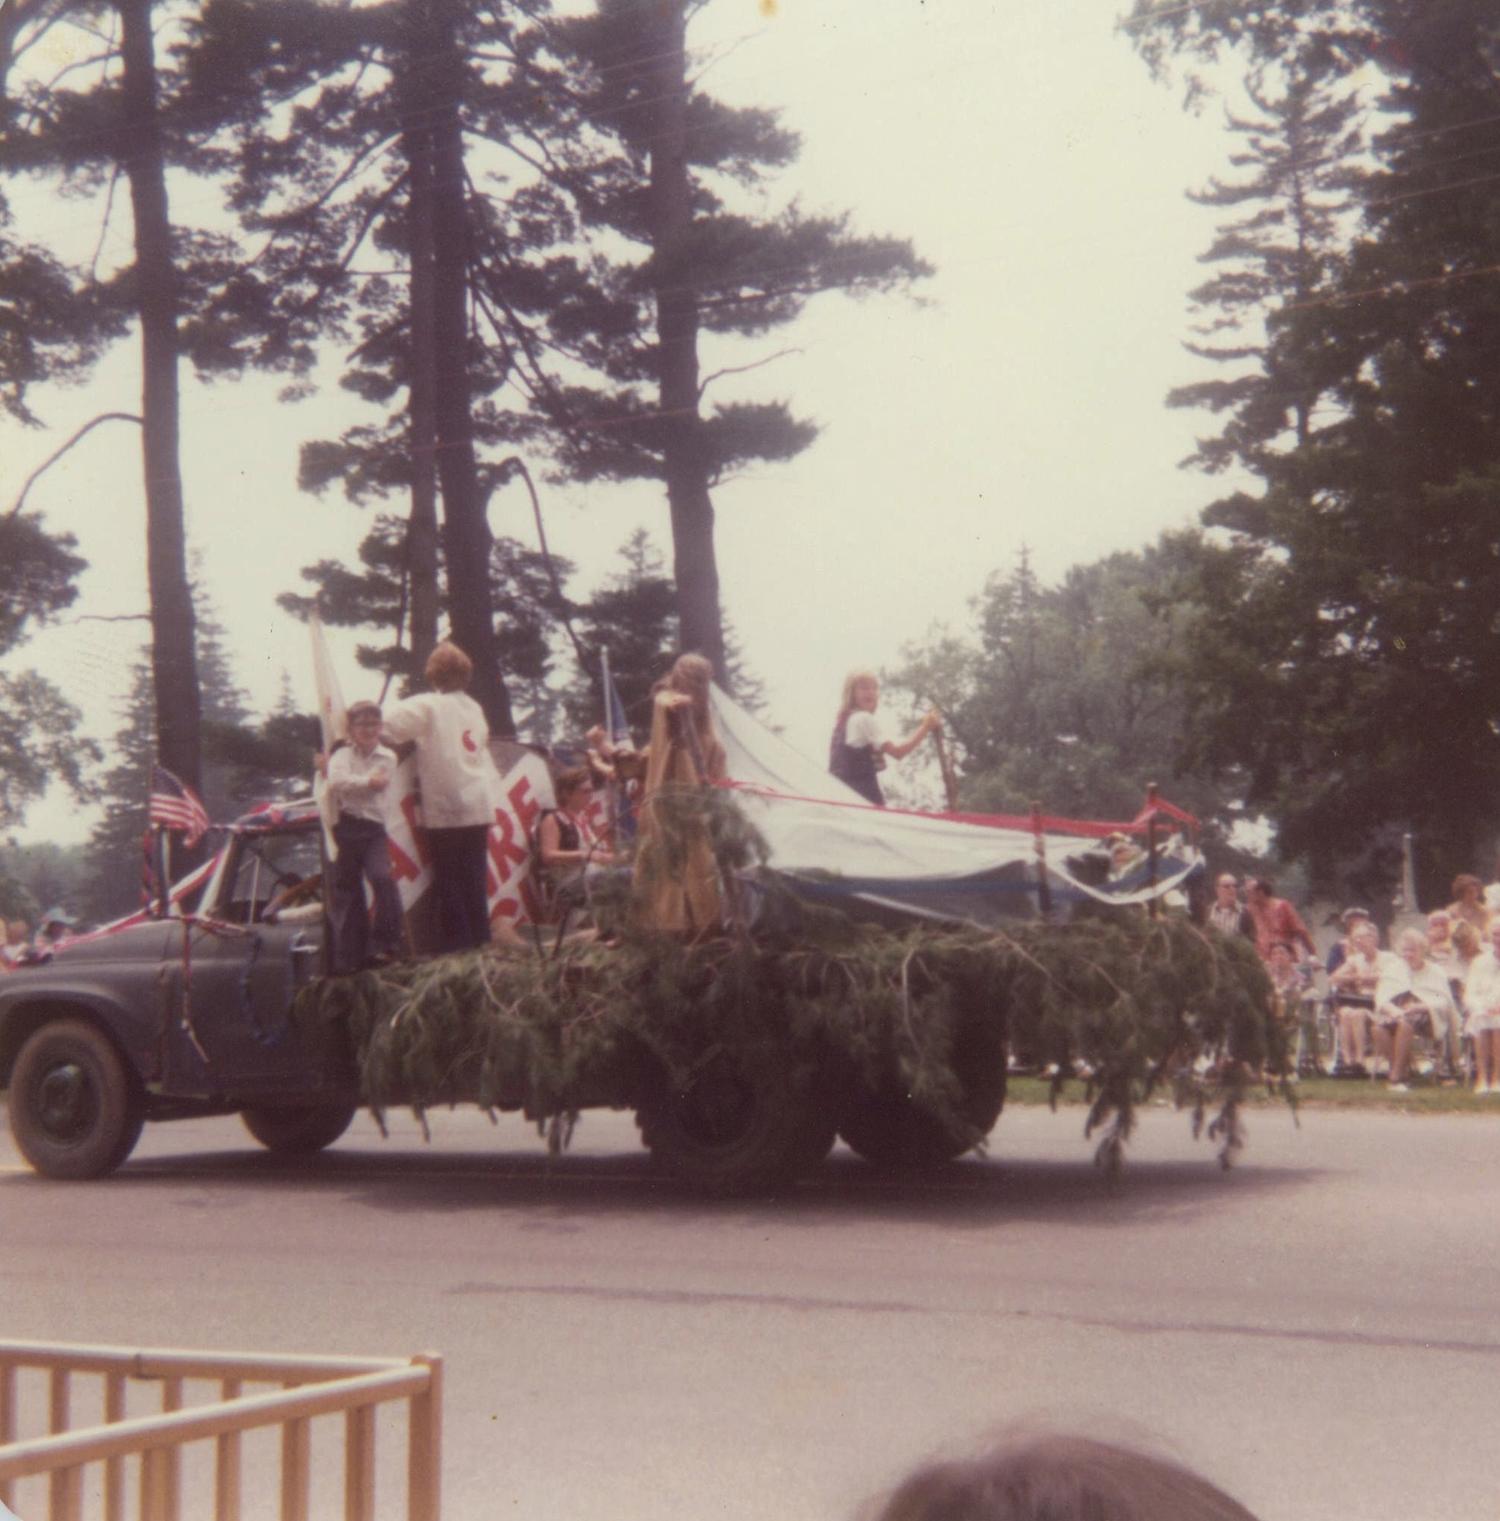 Boy Scouts & Campfire float July 1976A.jpg